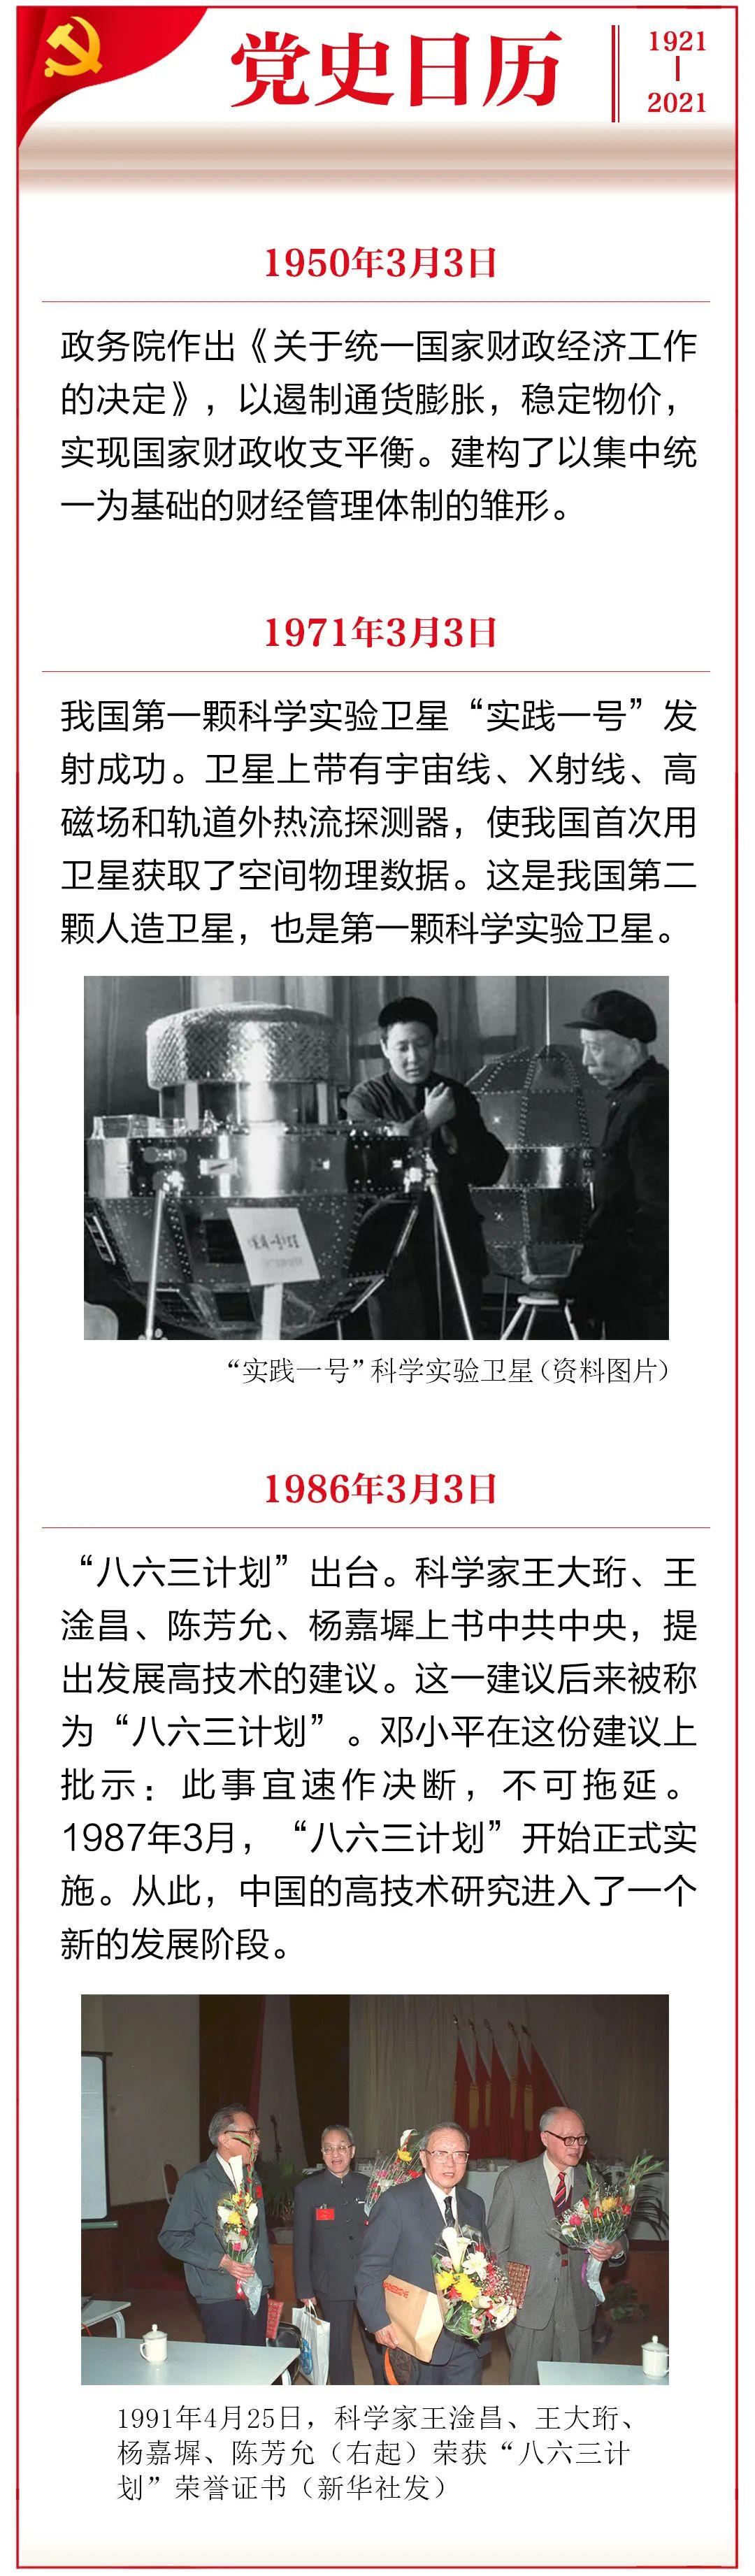 百年荣光丨党史上的今天(3月3日)图片